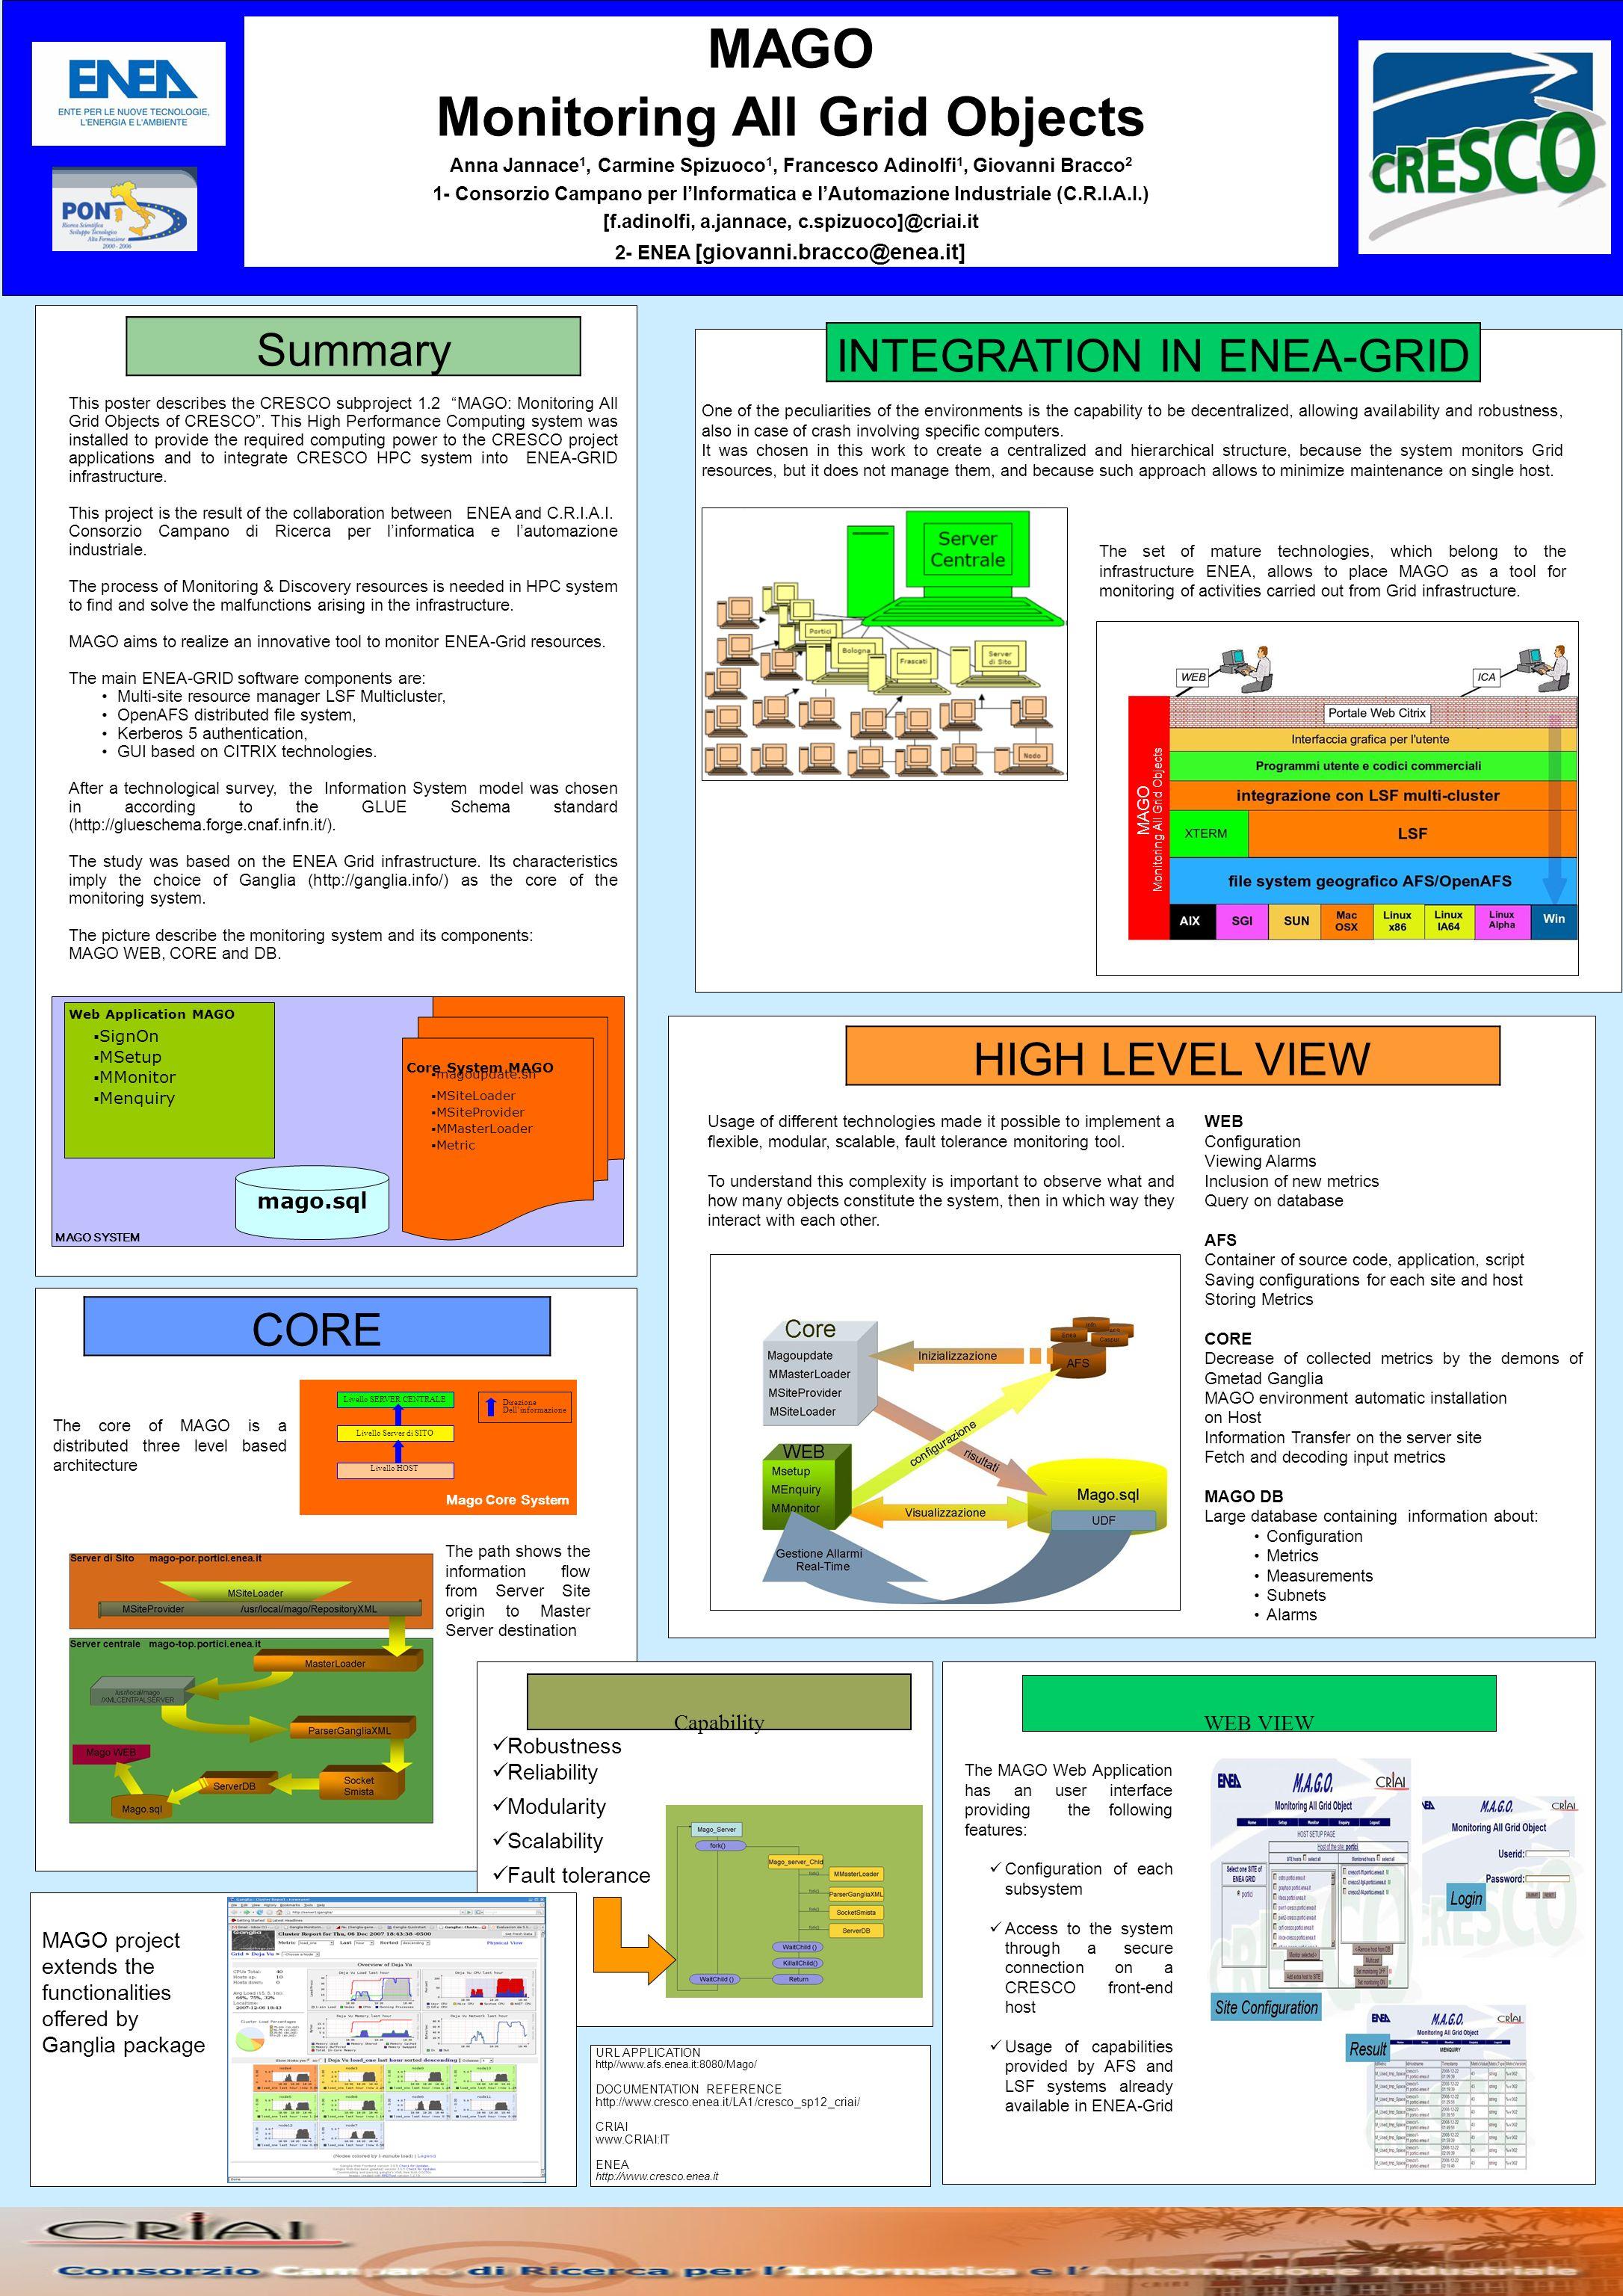 MAGO Monitoring All Grid Objects Anna Jannace 1, Carmine Spizuoco 1, Francesco Adinolfi 1, Giovanni Bracco 2 1- Consorzio Campano per lInformatica e lAutomazione Industriale (C.R.I.A.I.) [f.adinolfi, a.jannace, c.spizuoco]@criai.it 2- ENEA [giovanni.bracco@enea.it] This poster describes the CRESCO subproject 1.2 MAGO: Monitoring All Grid Objects of CRESCO.